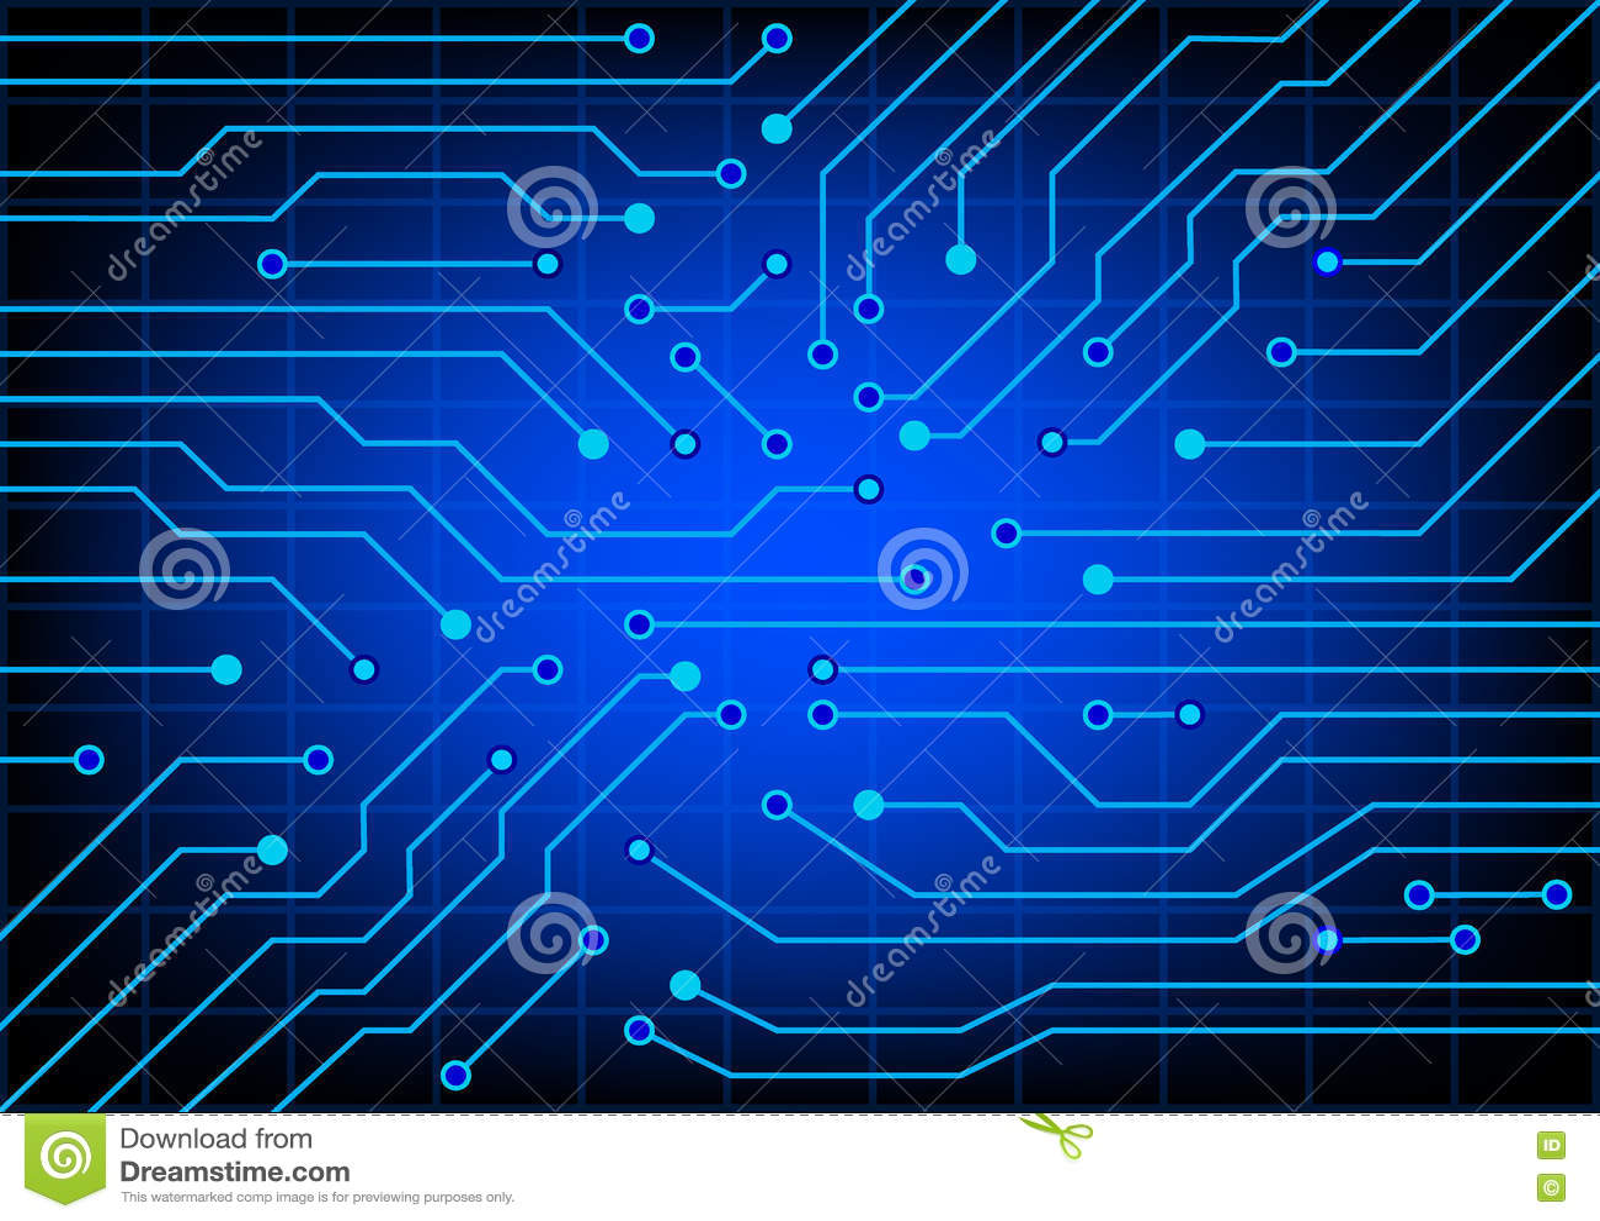 Schema Elettrico Lampada : Circuito elettrico illustrazione di vettore di env 10 illustrazione